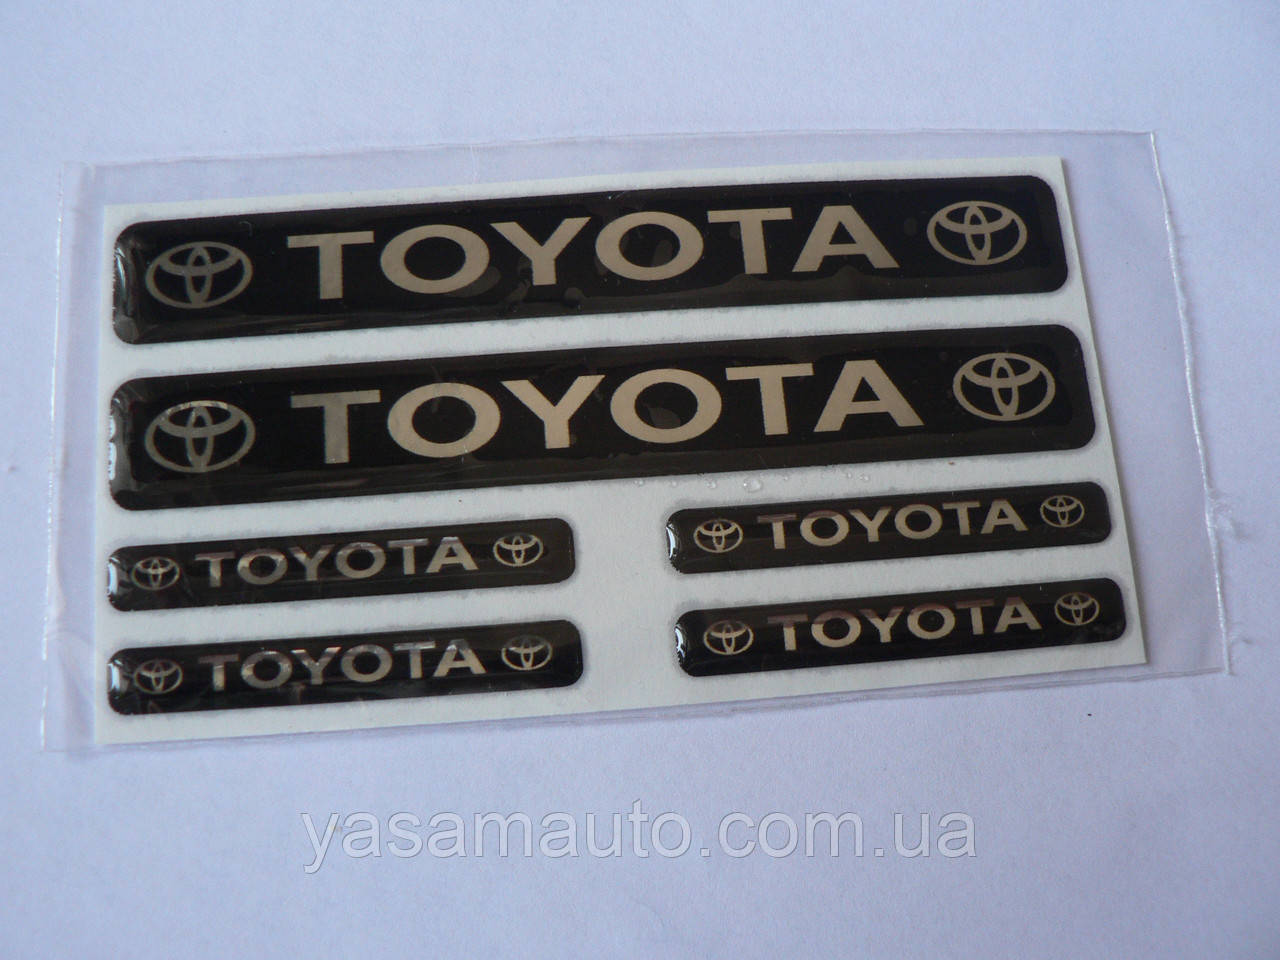 Наклейка s маленькая Toyota набор 6шт силиконовая надпись на авто эмблема Тойота